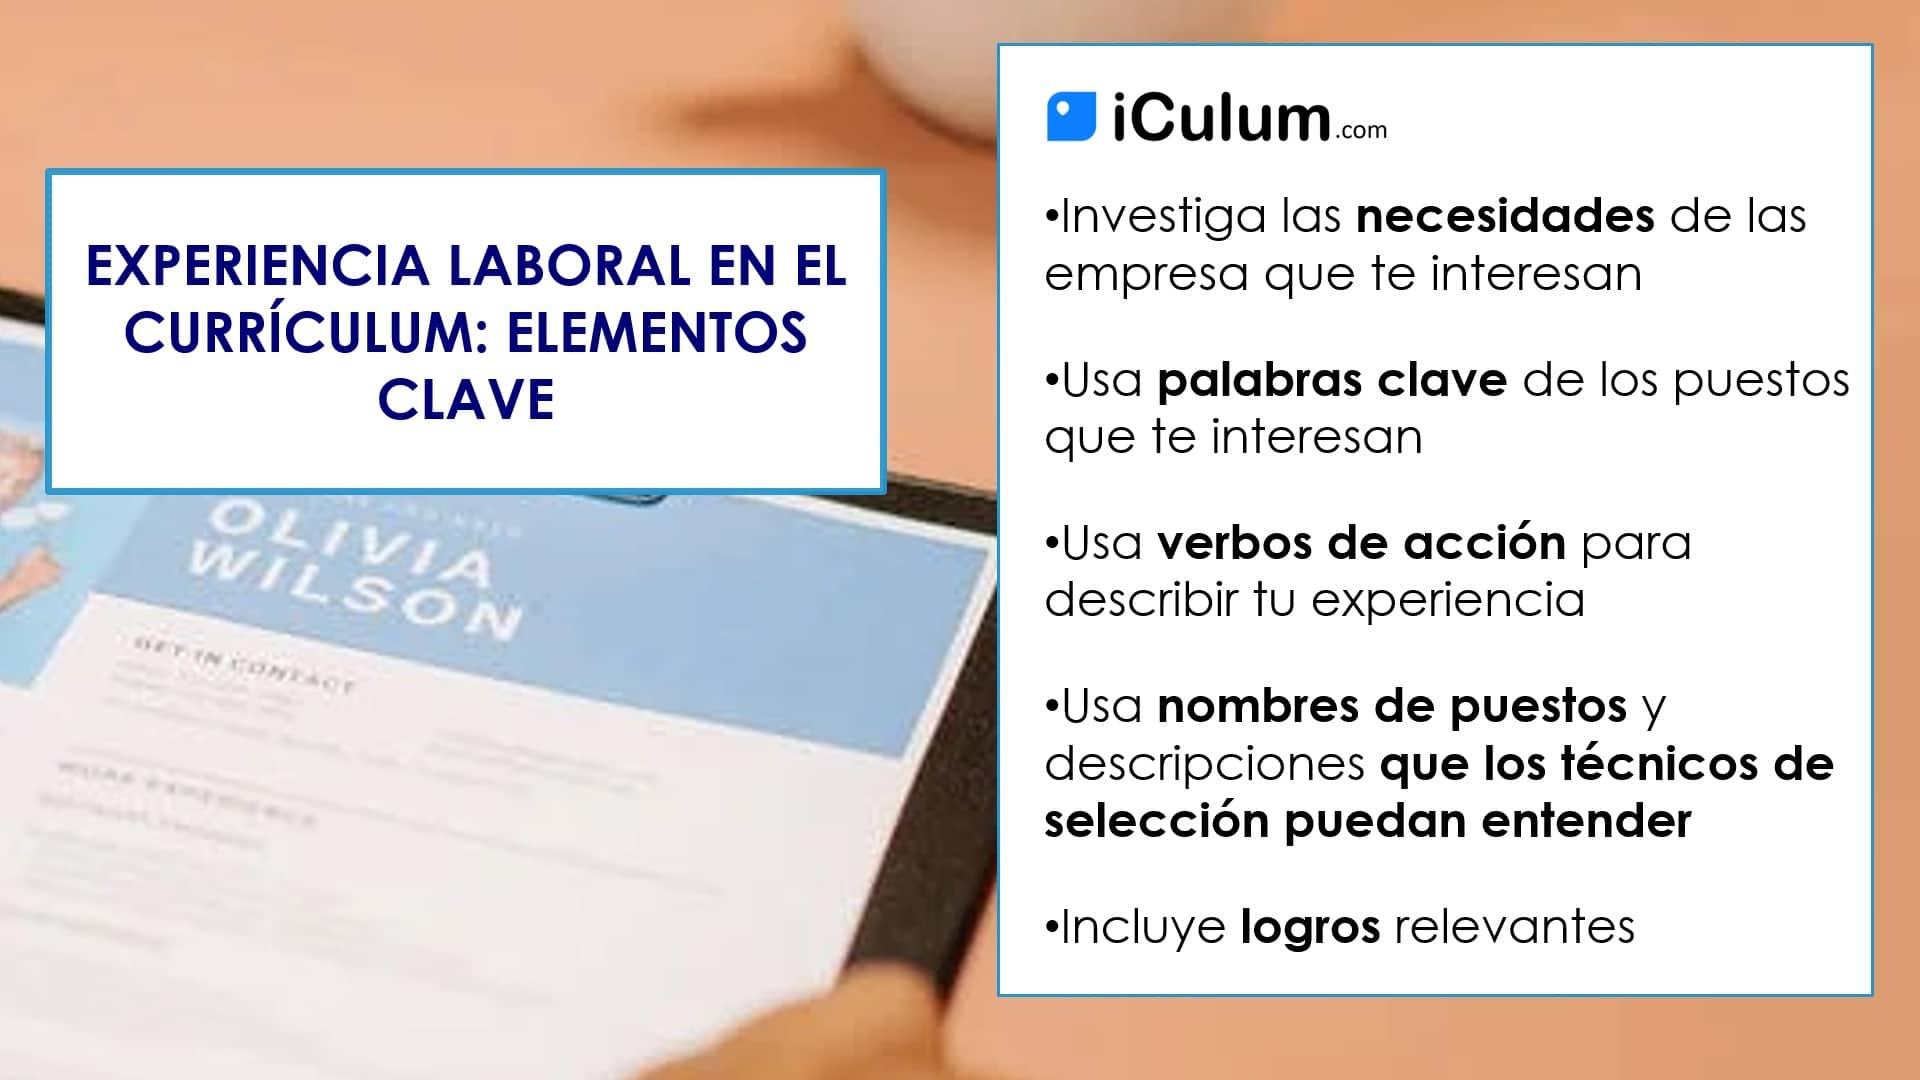 Experiencia Laboral en el Curriculum Elementos Clave iCulum